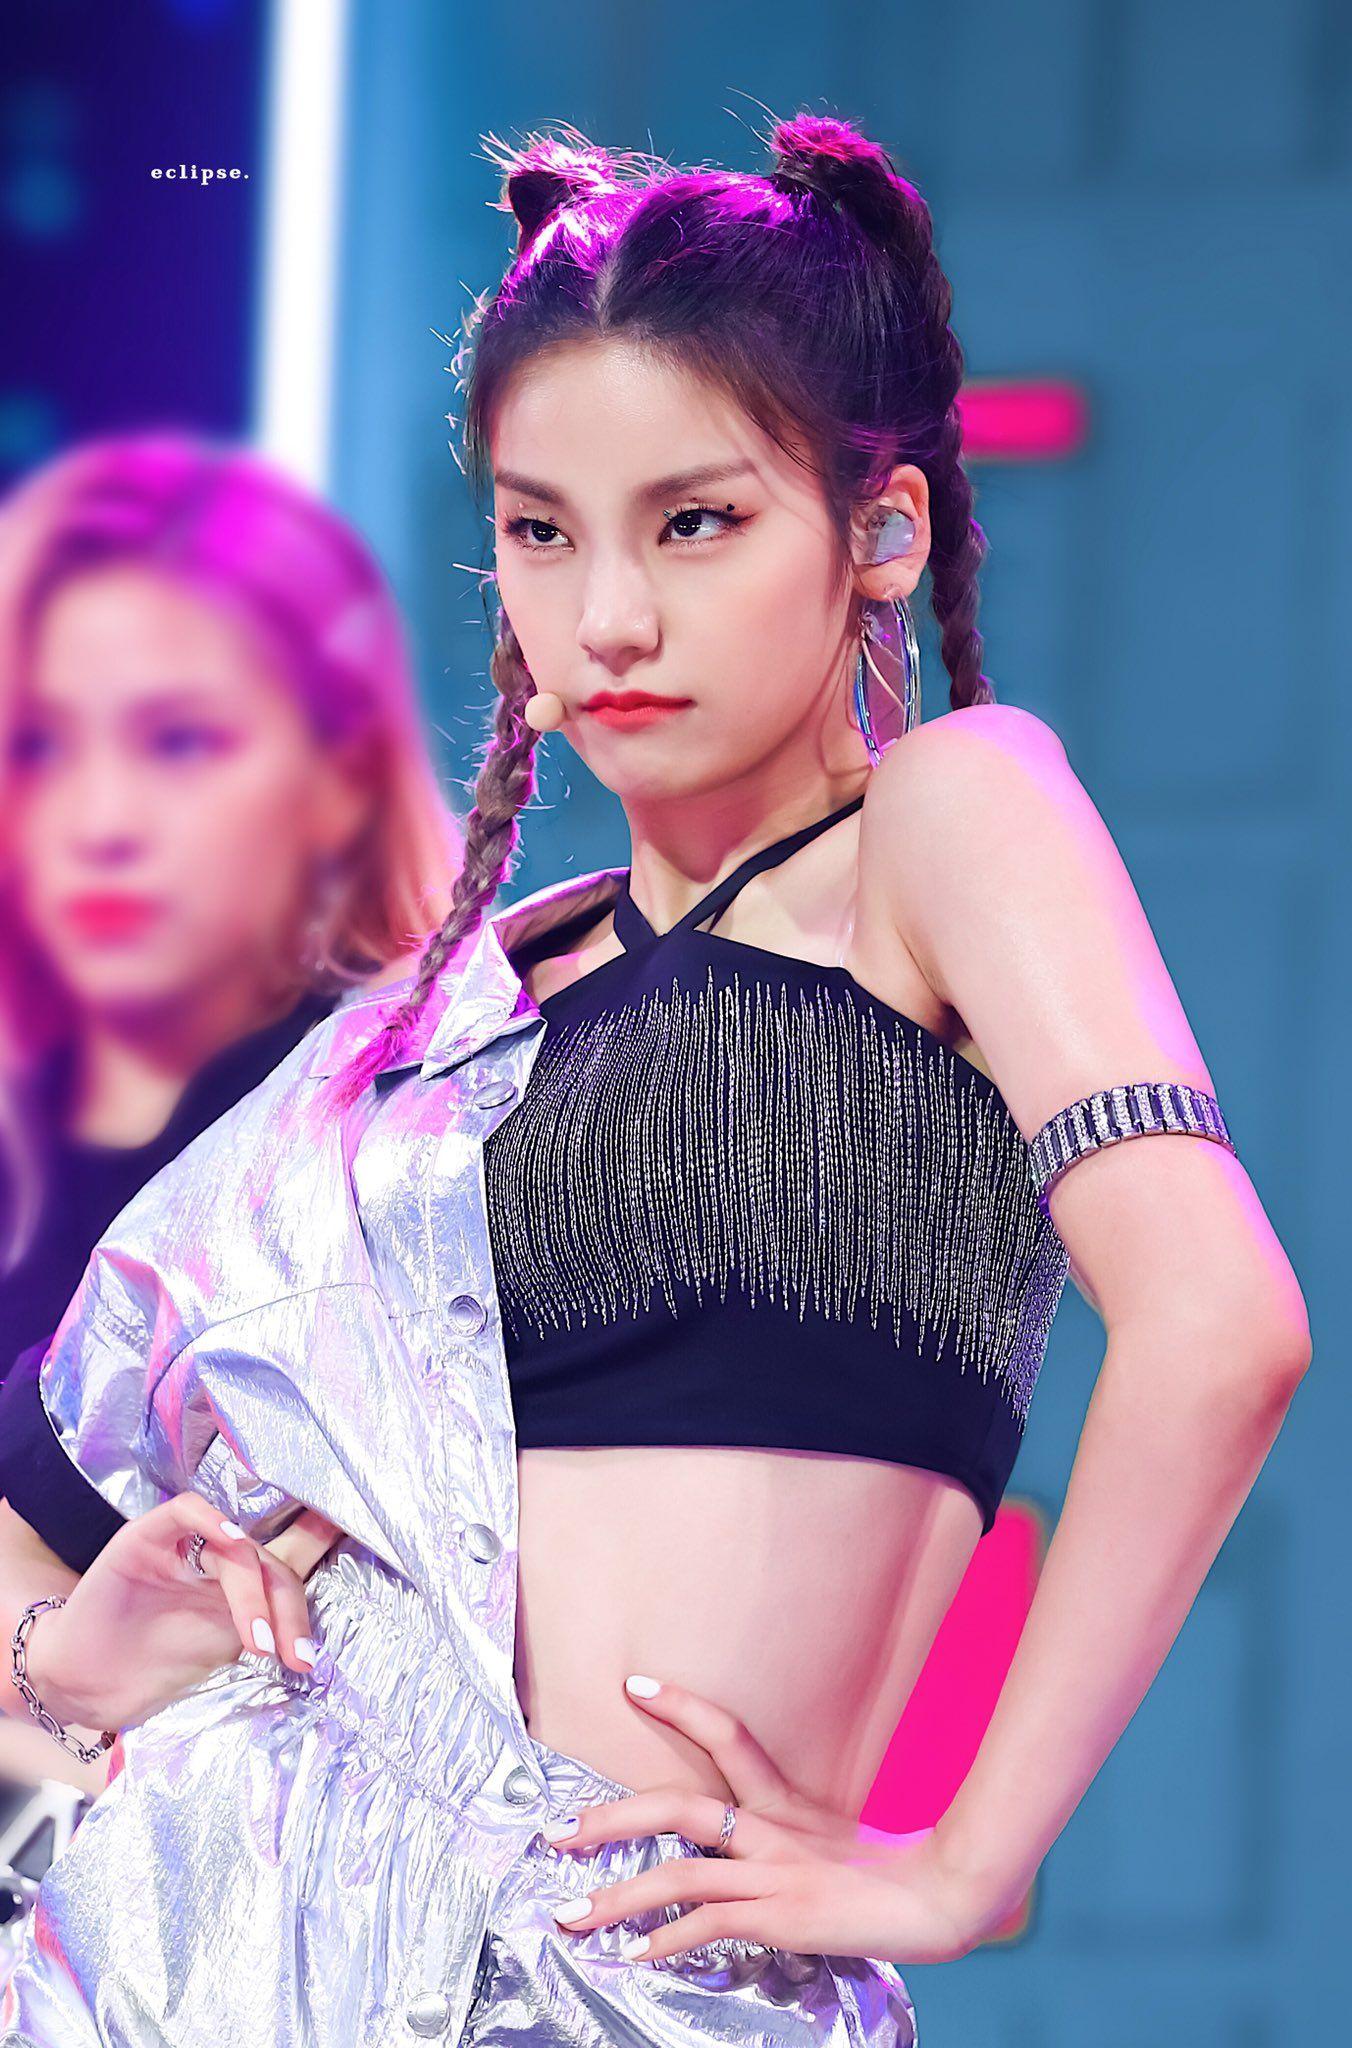 Eclipse On Twitter Itzy Kpop Girls Girl